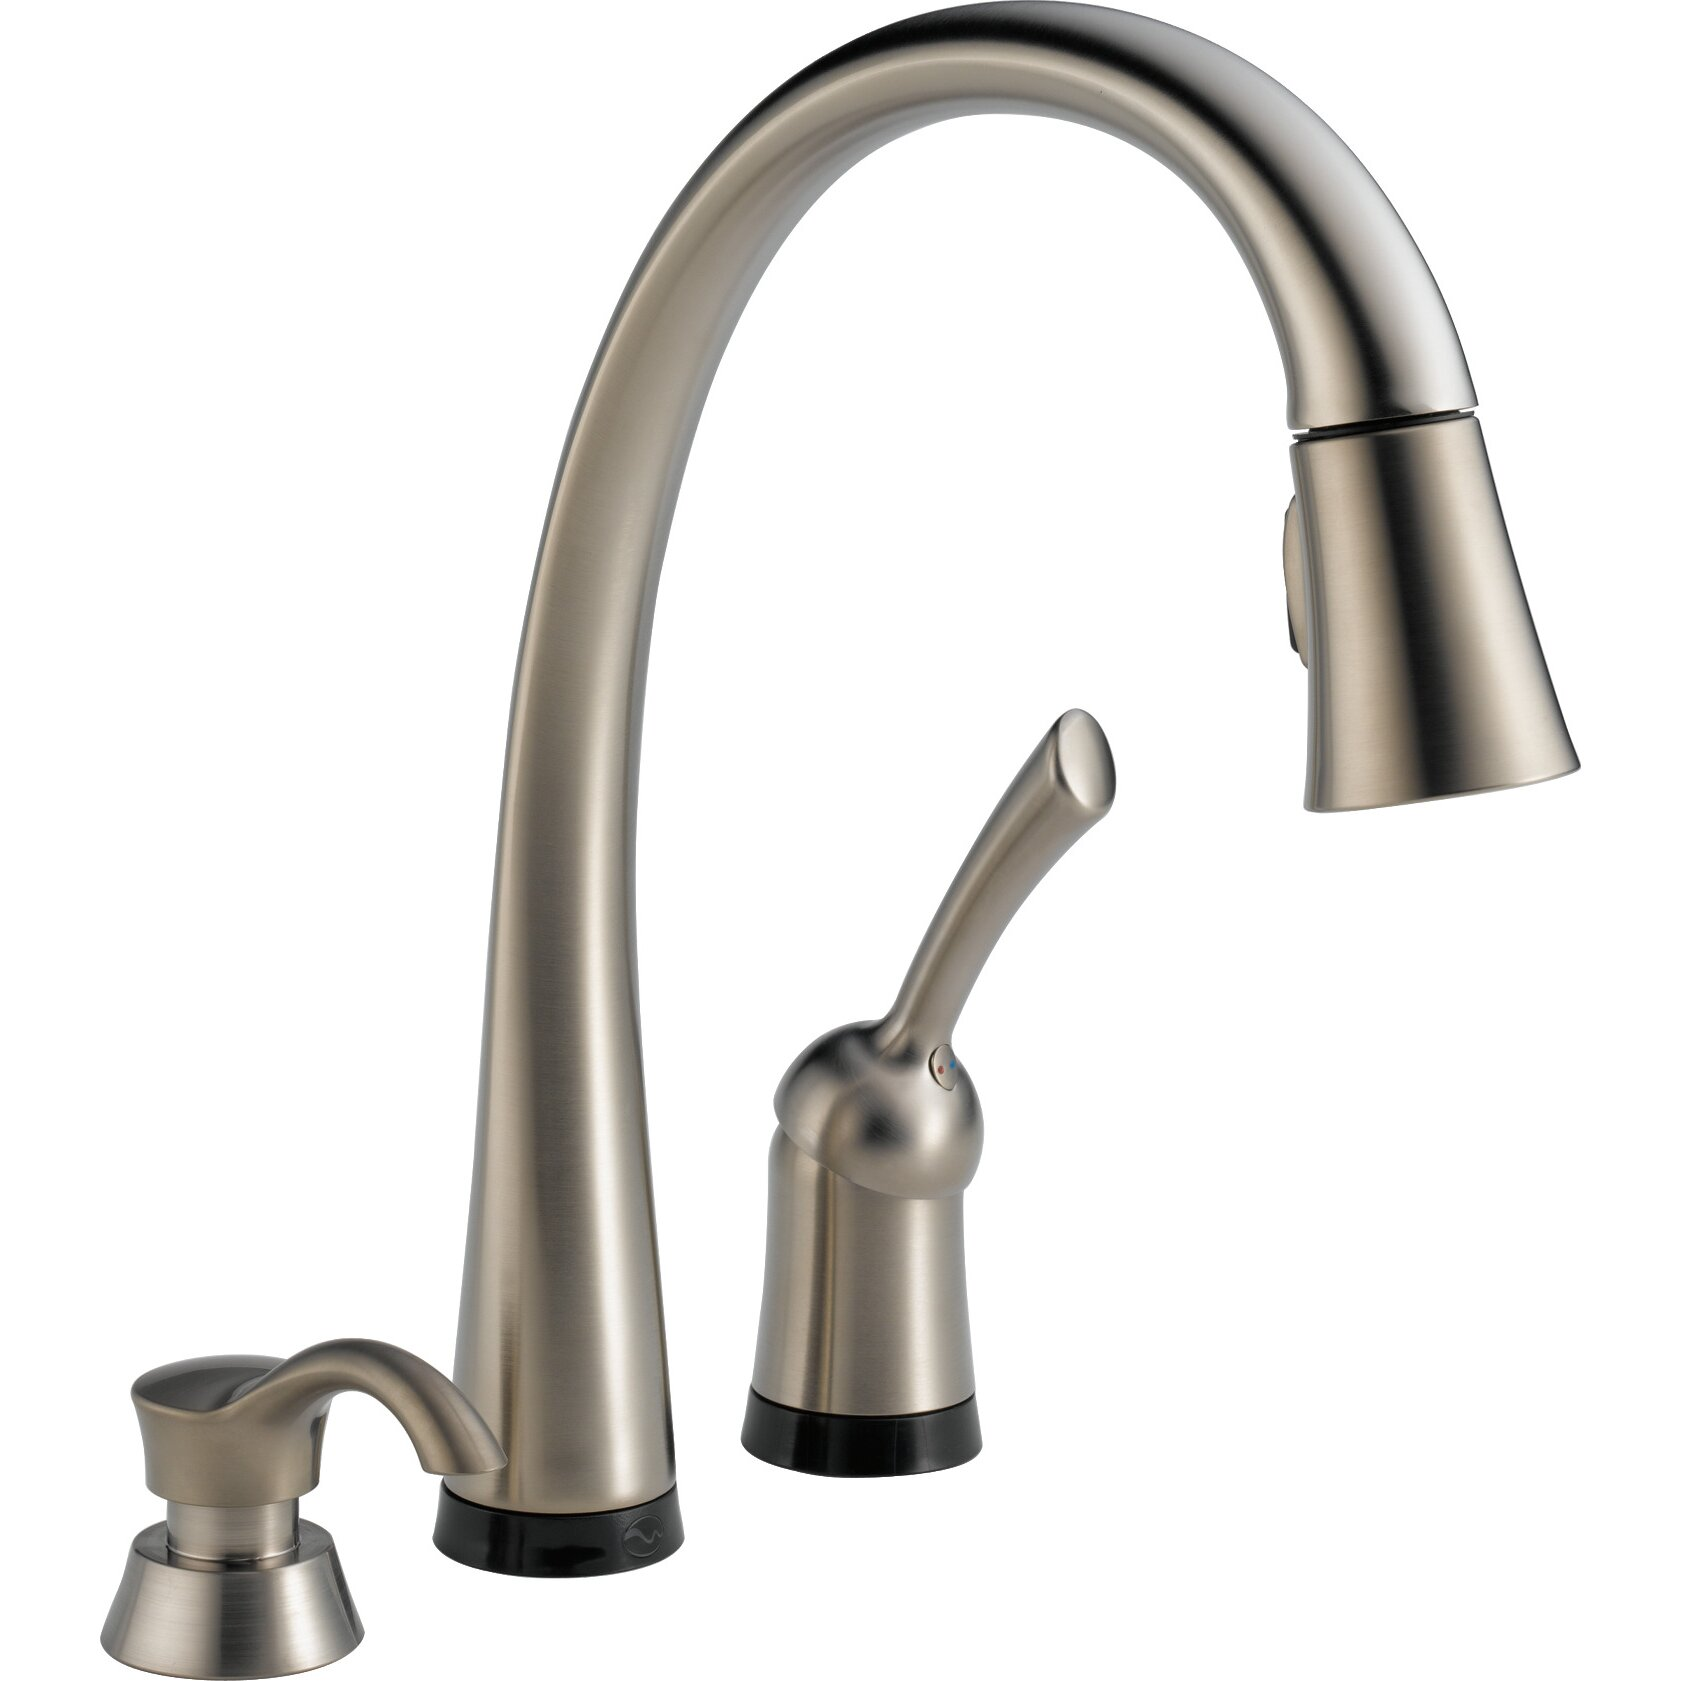 delta kitchen faucet cartridge detrit us delta pilar single handle standard kitchen faucet with touch